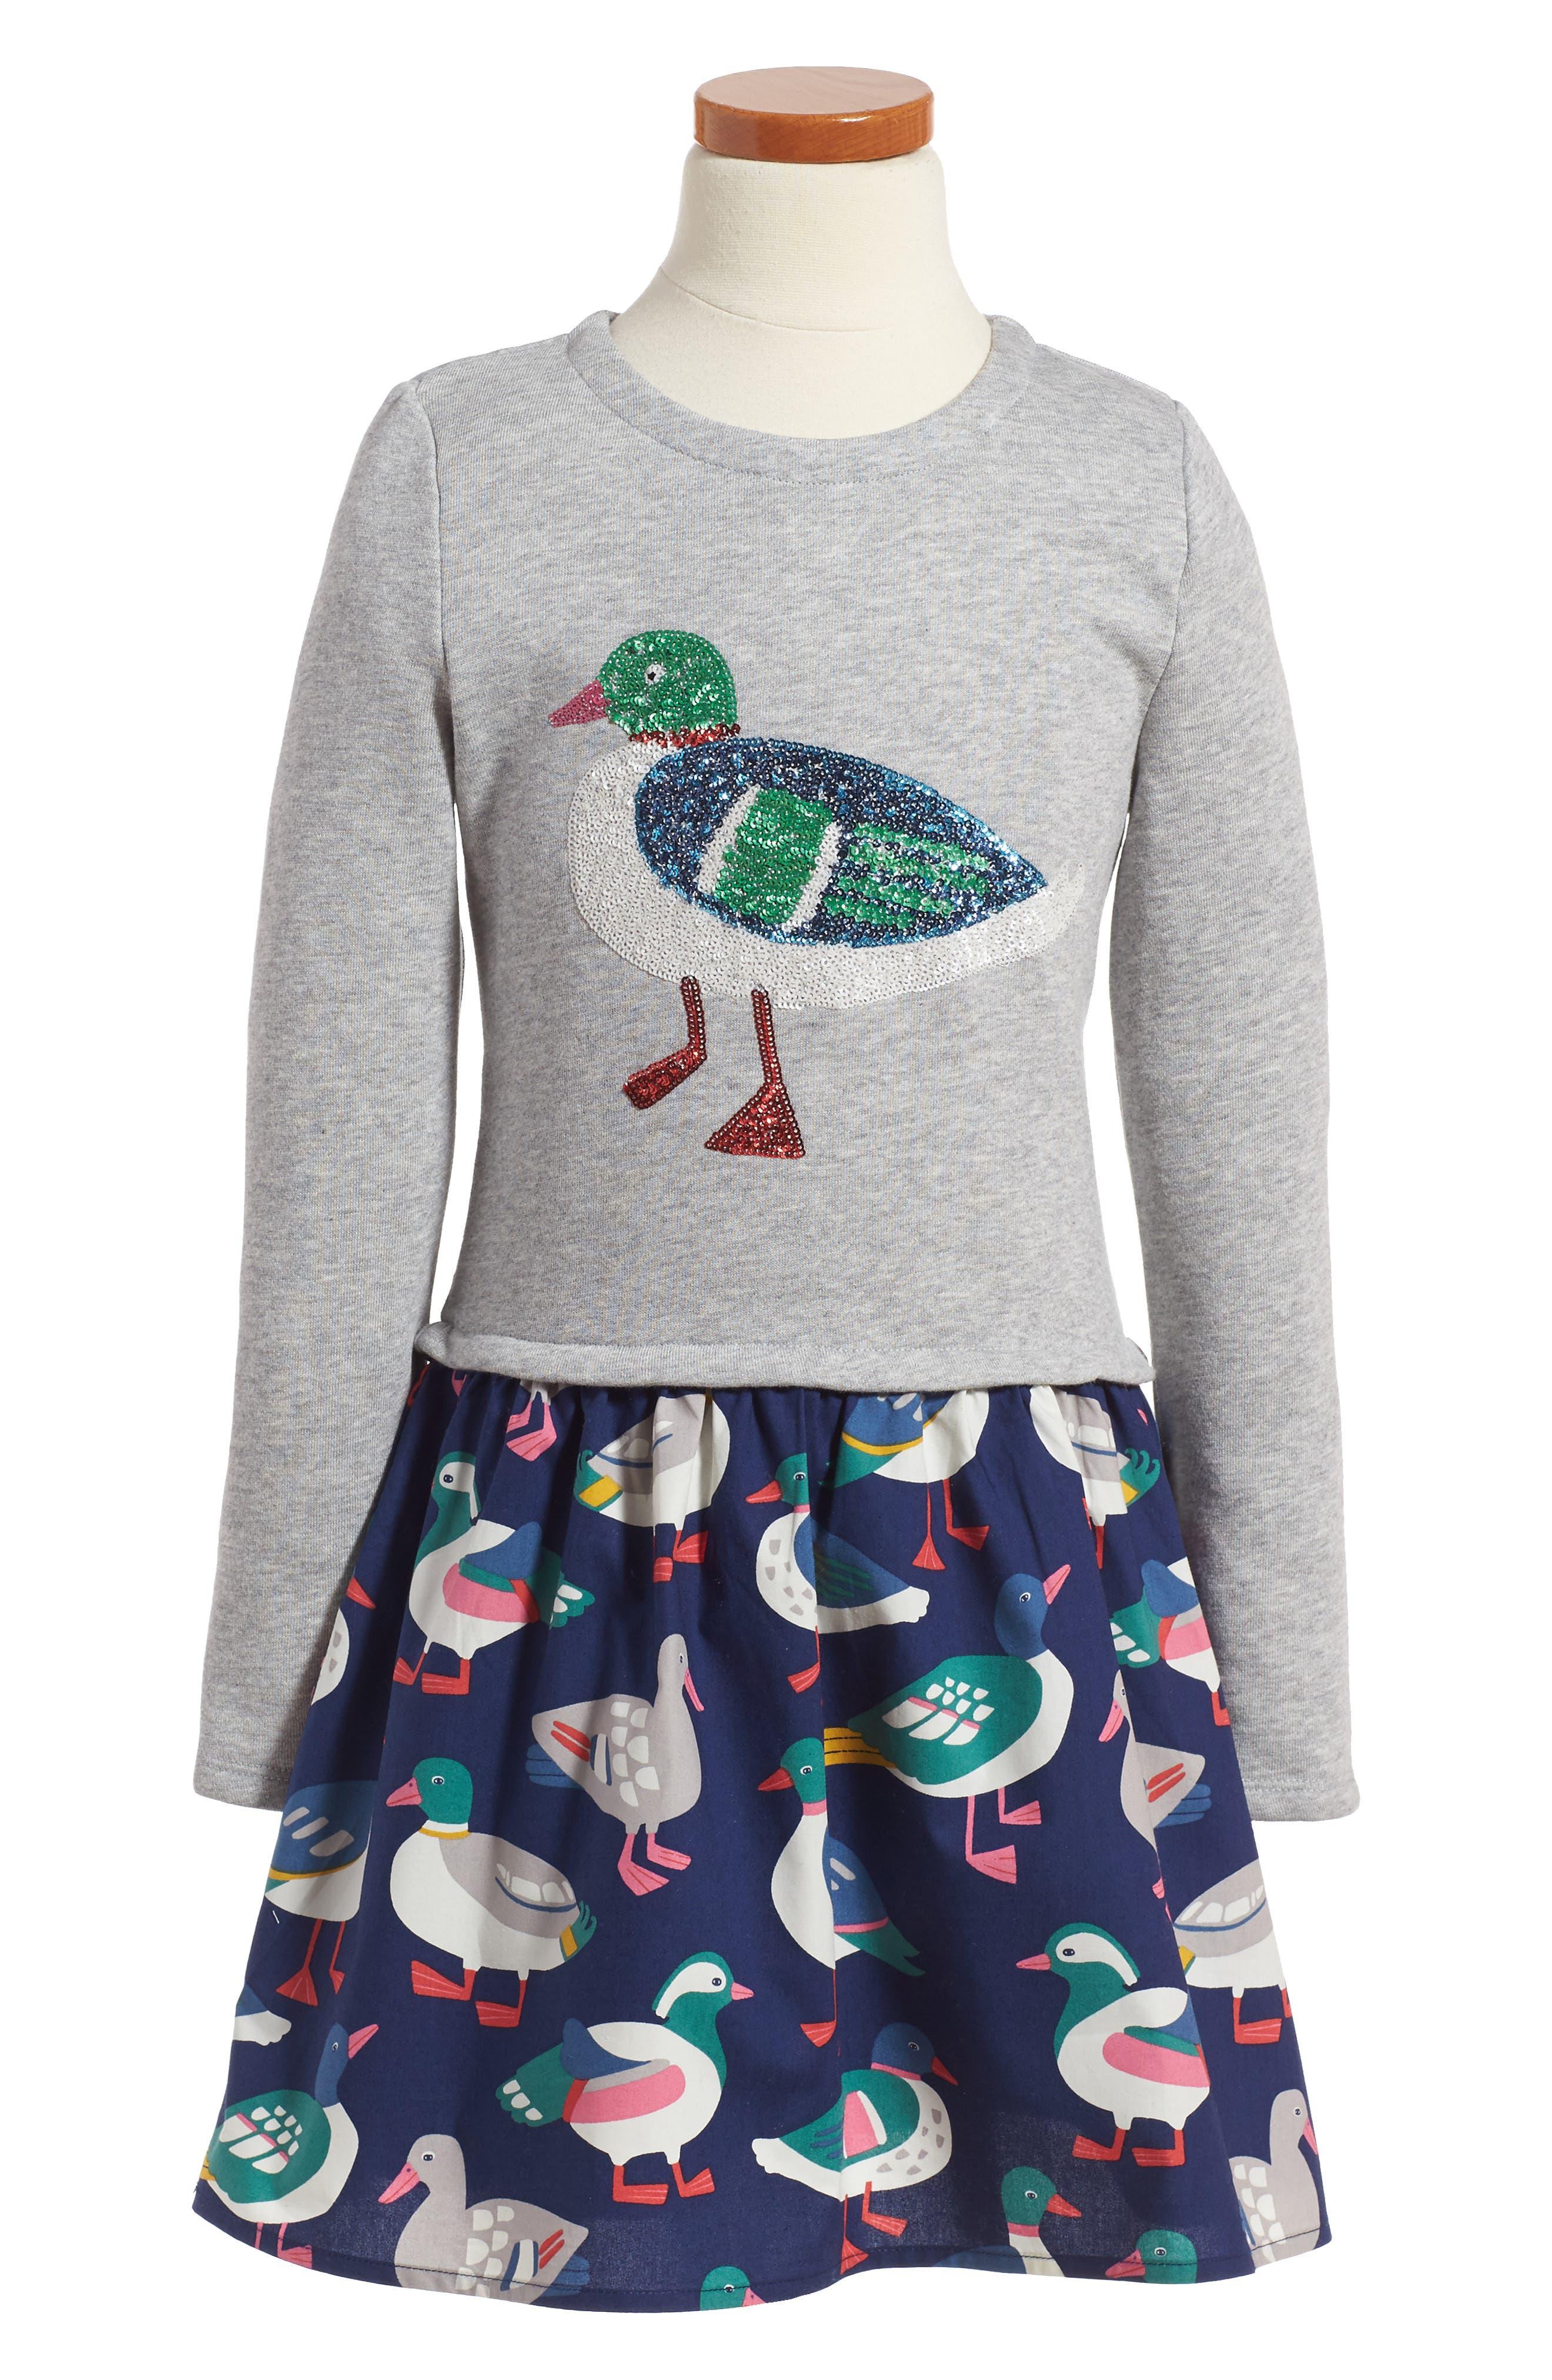 Mini Boden Sequin Appliqué Sweater Dress (Toddler Girls, Little Girls & Big Girls)